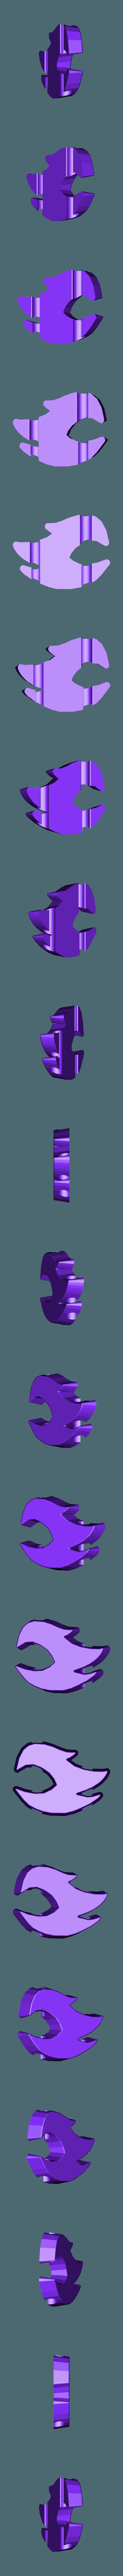 fire.stl Télécharger fichier STL gratuit Échelle Peg Toy 3000: Codename Overkill • Modèle imprimable en 3D, ecoiras